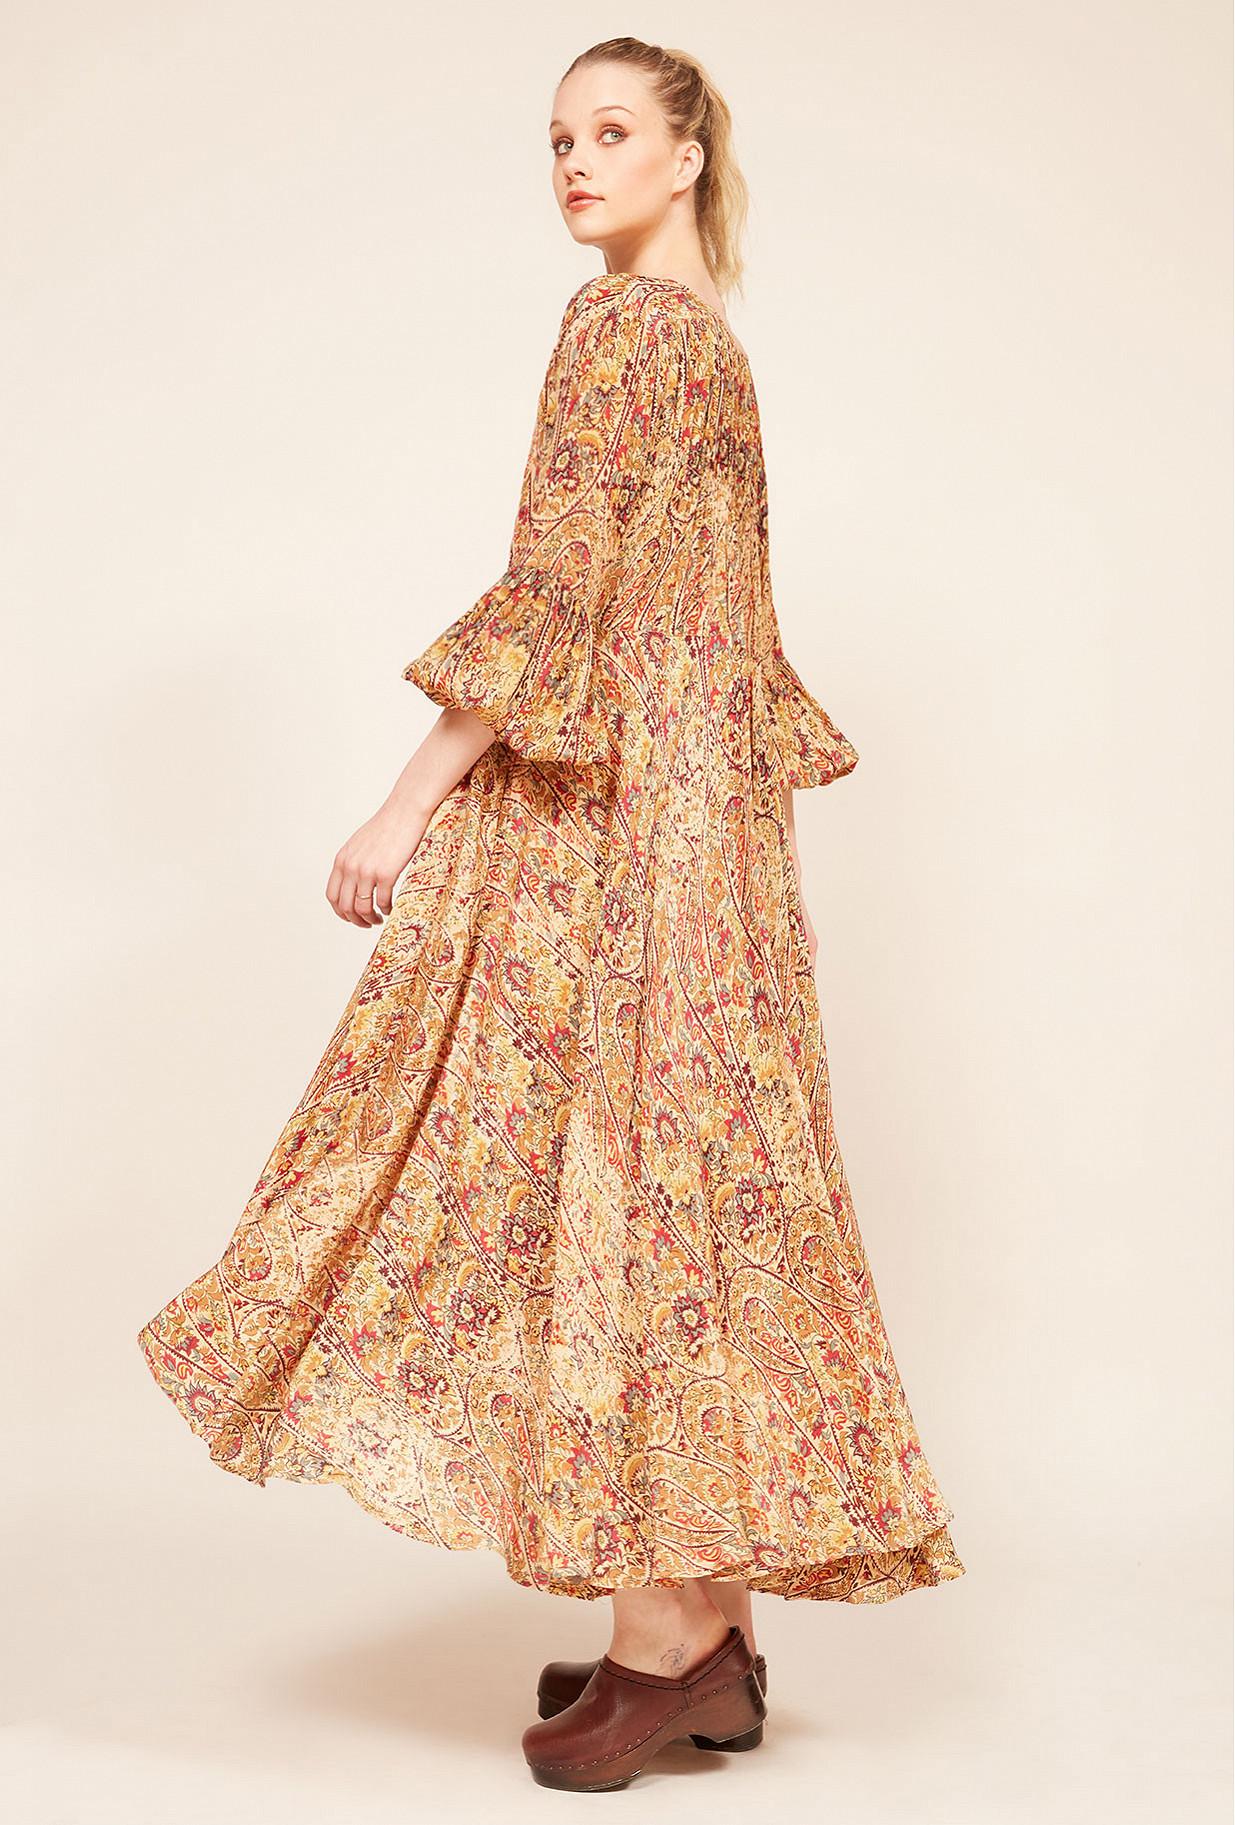 Robe Imprimé fleuri  Passiflore mes demoiselles paris vêtement femme paris